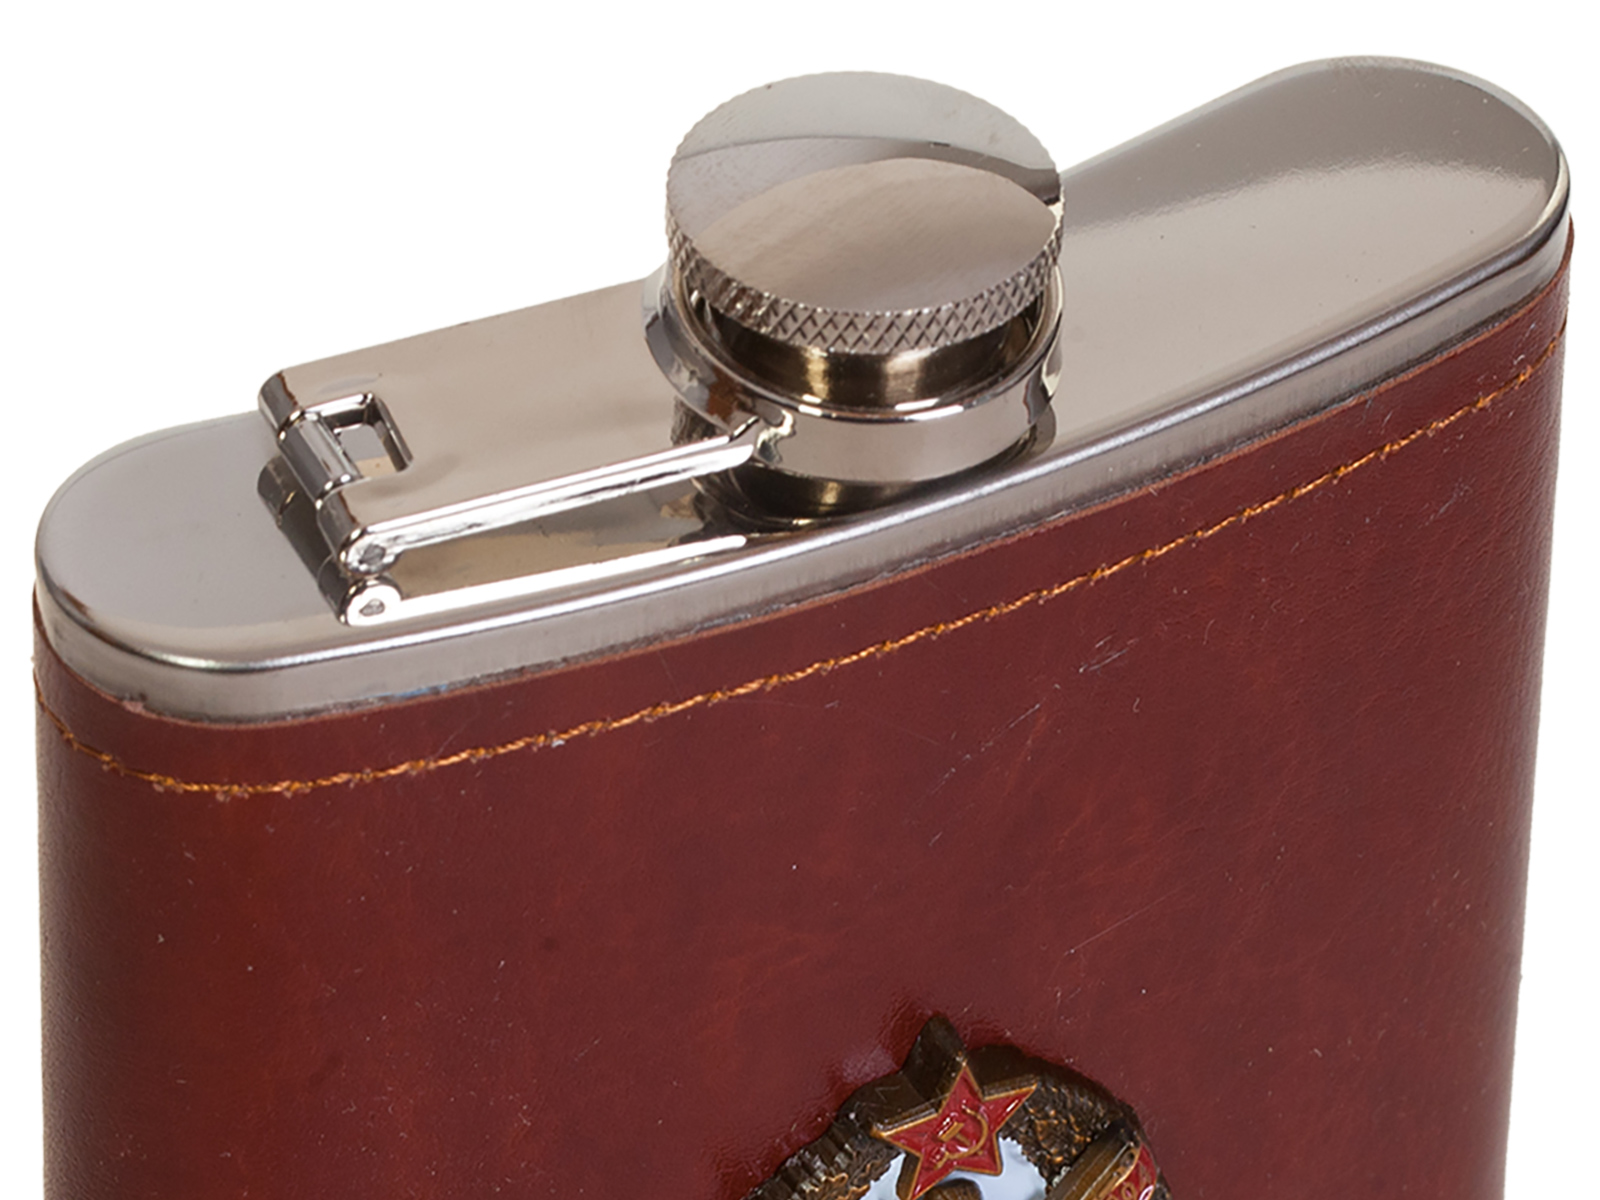 Карманная фляжка в кожаном чехле с накладкой ГСВГ - заказать в розницу